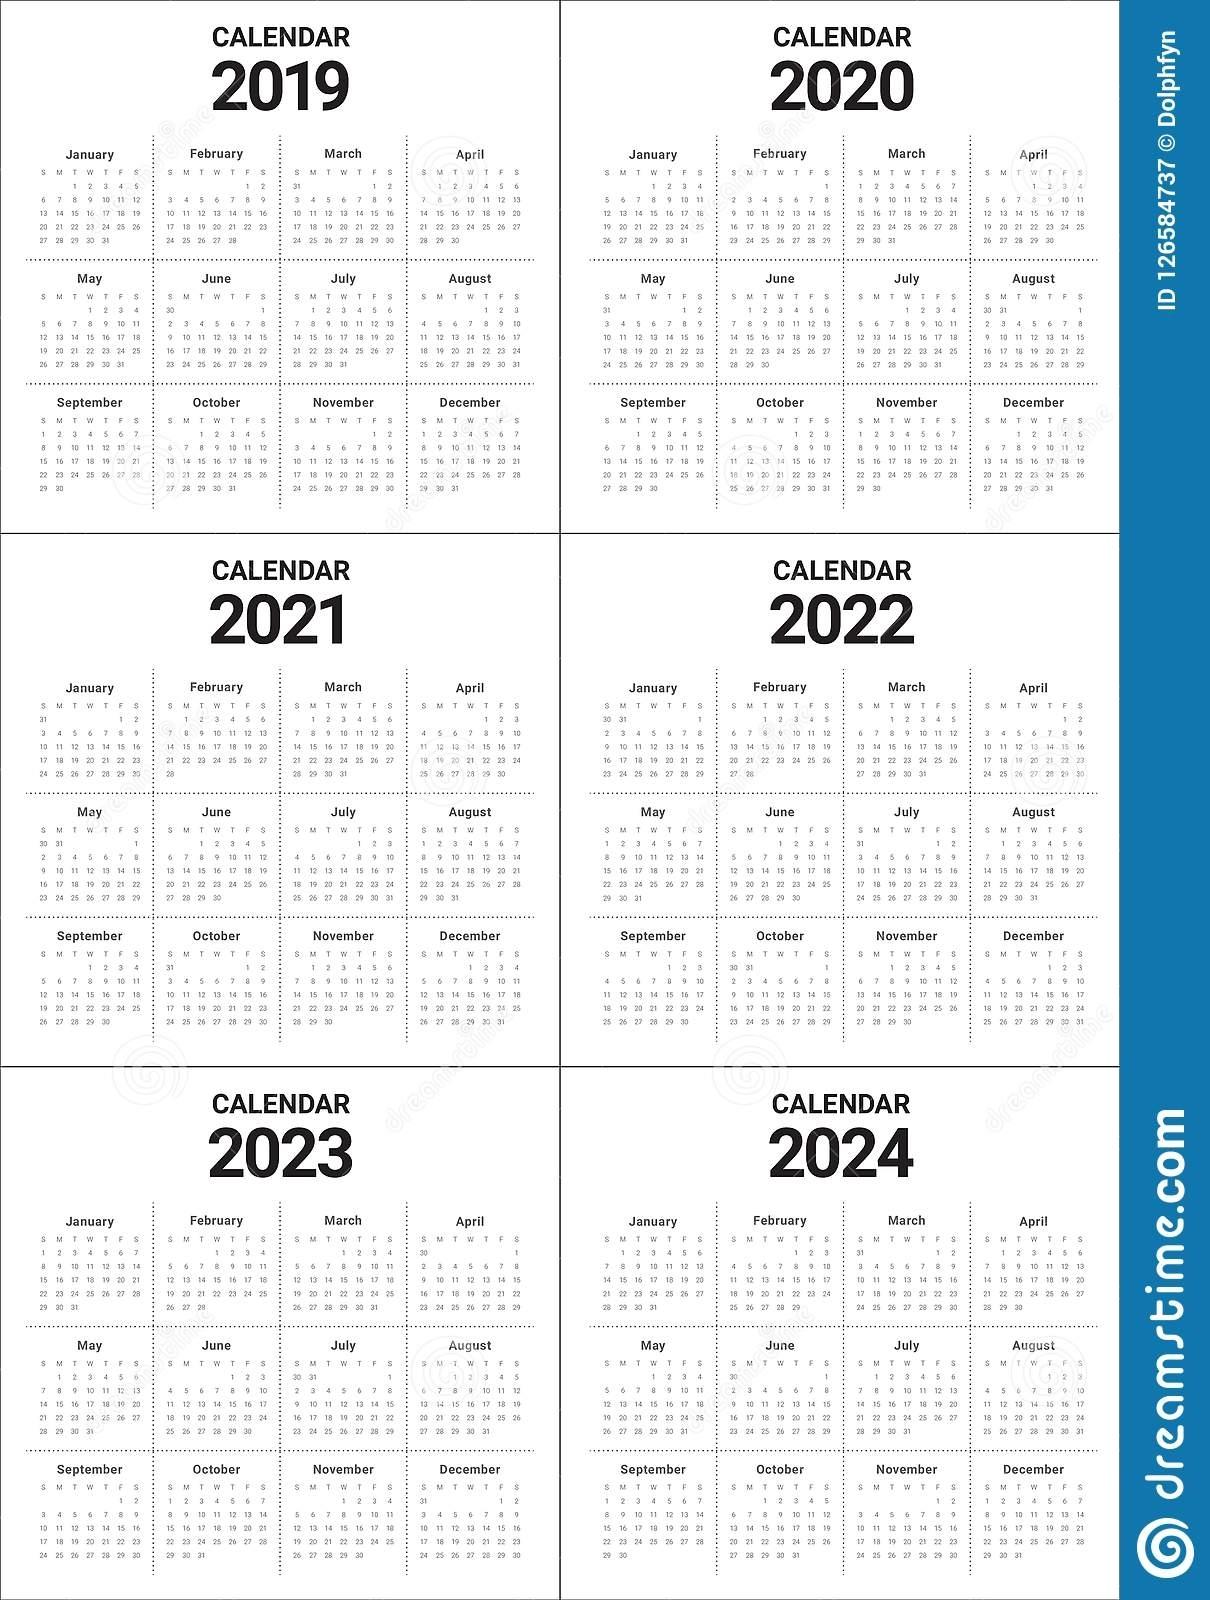 3 Year Calendar 2022 To 2024 | Ten Free Printable Calendar